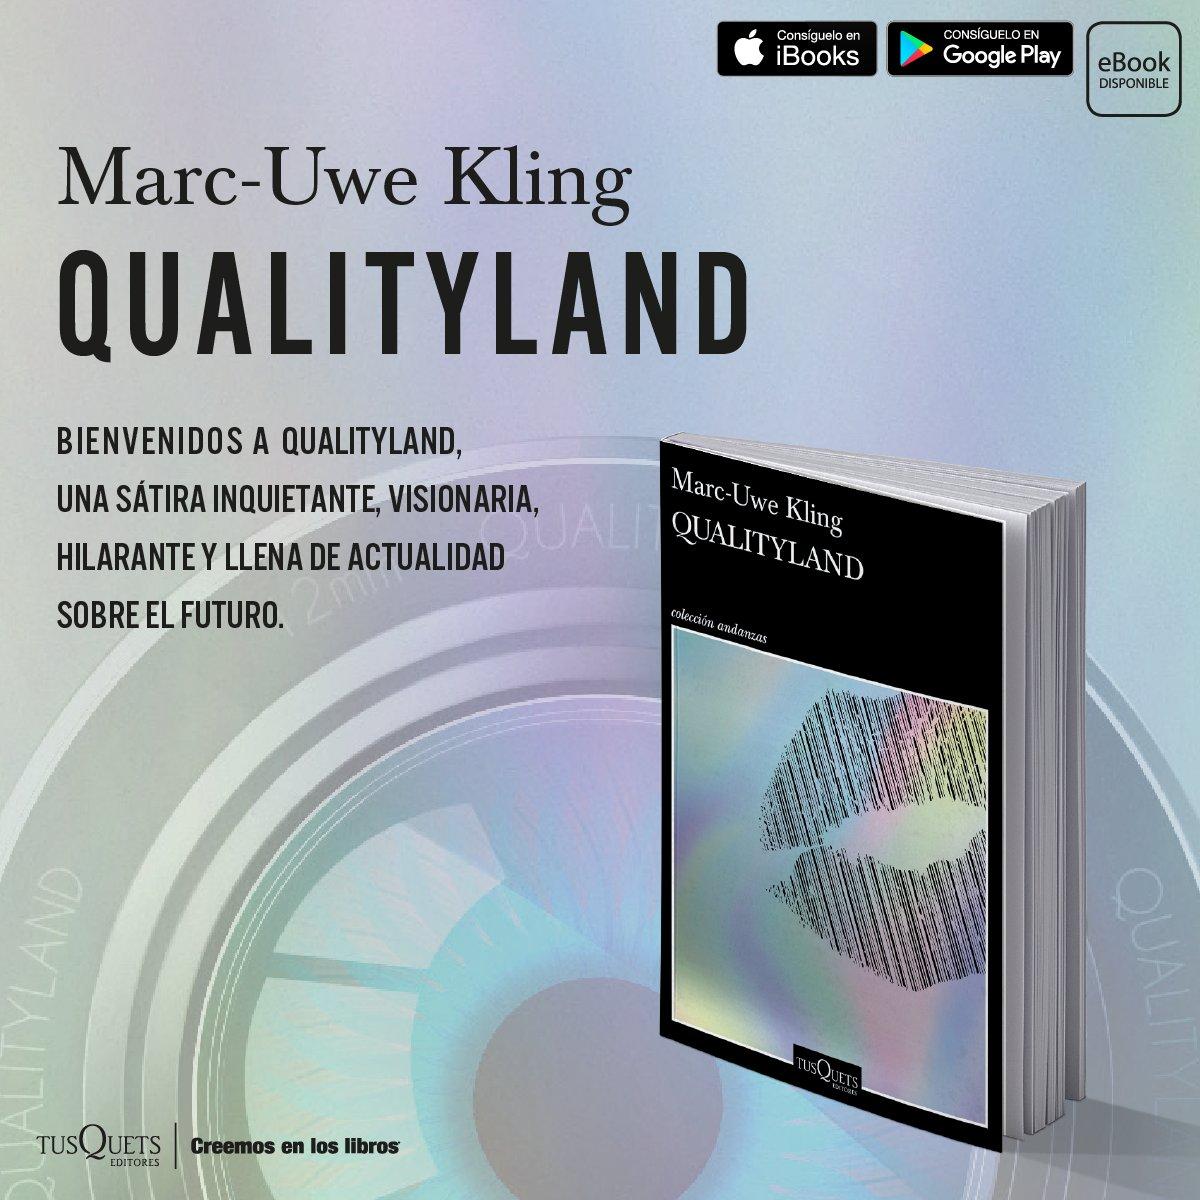 En un futuro no muy lejano, existe QualityLand. Un lugar en donde todo funciona bien.... o al menos eso cree la mayoría.  Muy pronto en librerías. #KeepReadingEnCasa #CreemosEnLosLibros pic.twitter.com/I3Pb9WDTYT